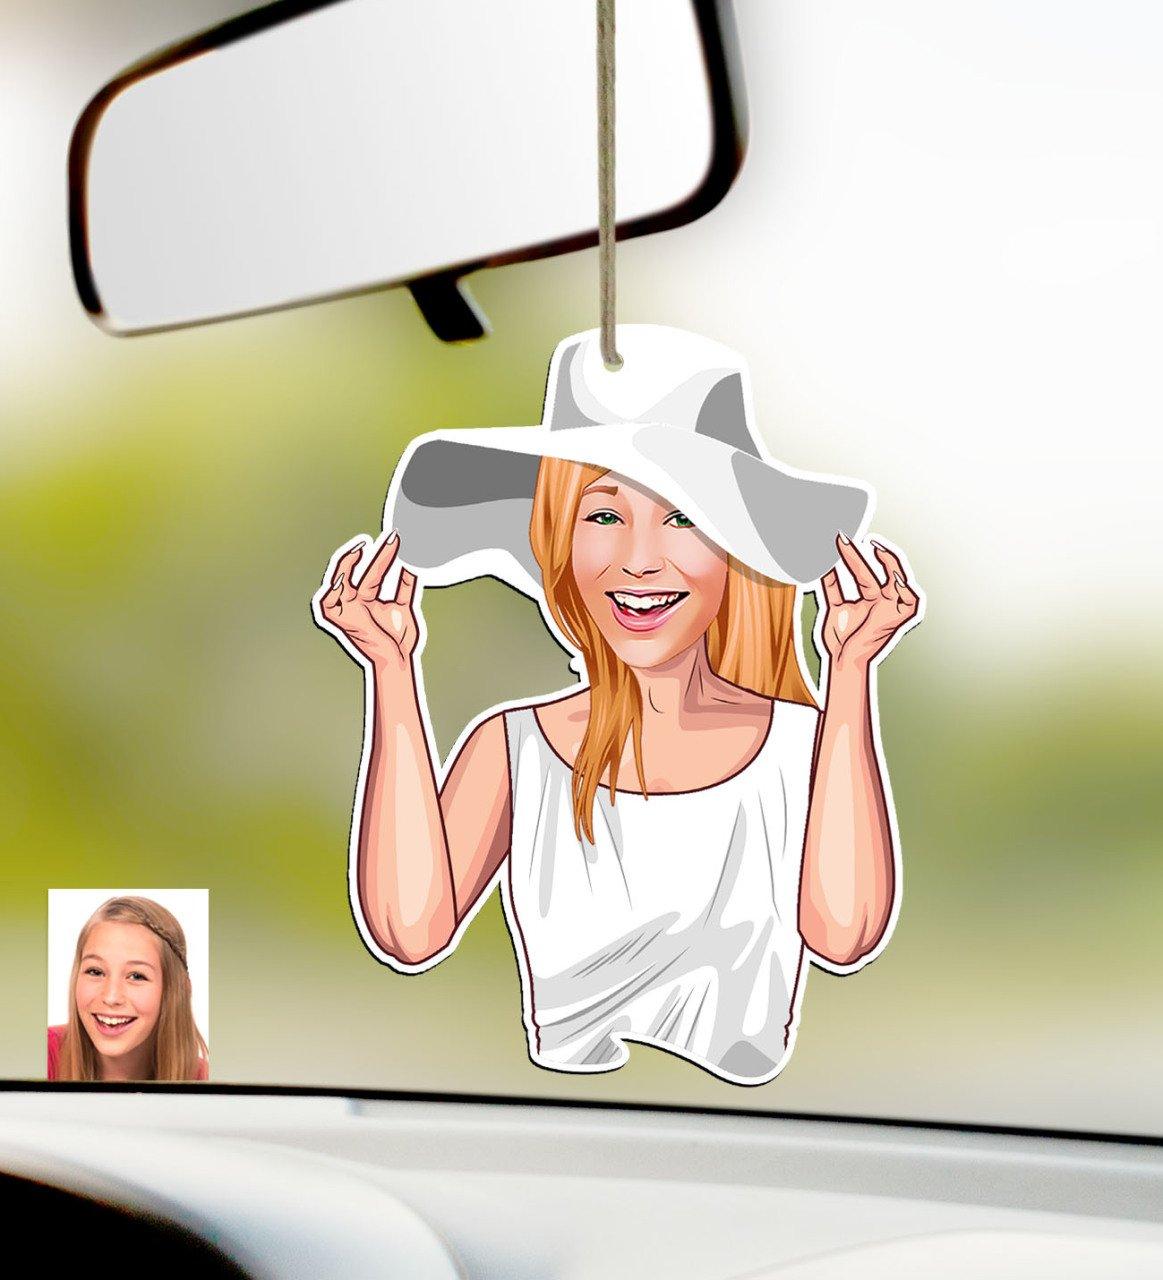 شخصية المرأة كاريكاتير من الخشب سيارة مرآة الرؤية الخلفية Süsü-20